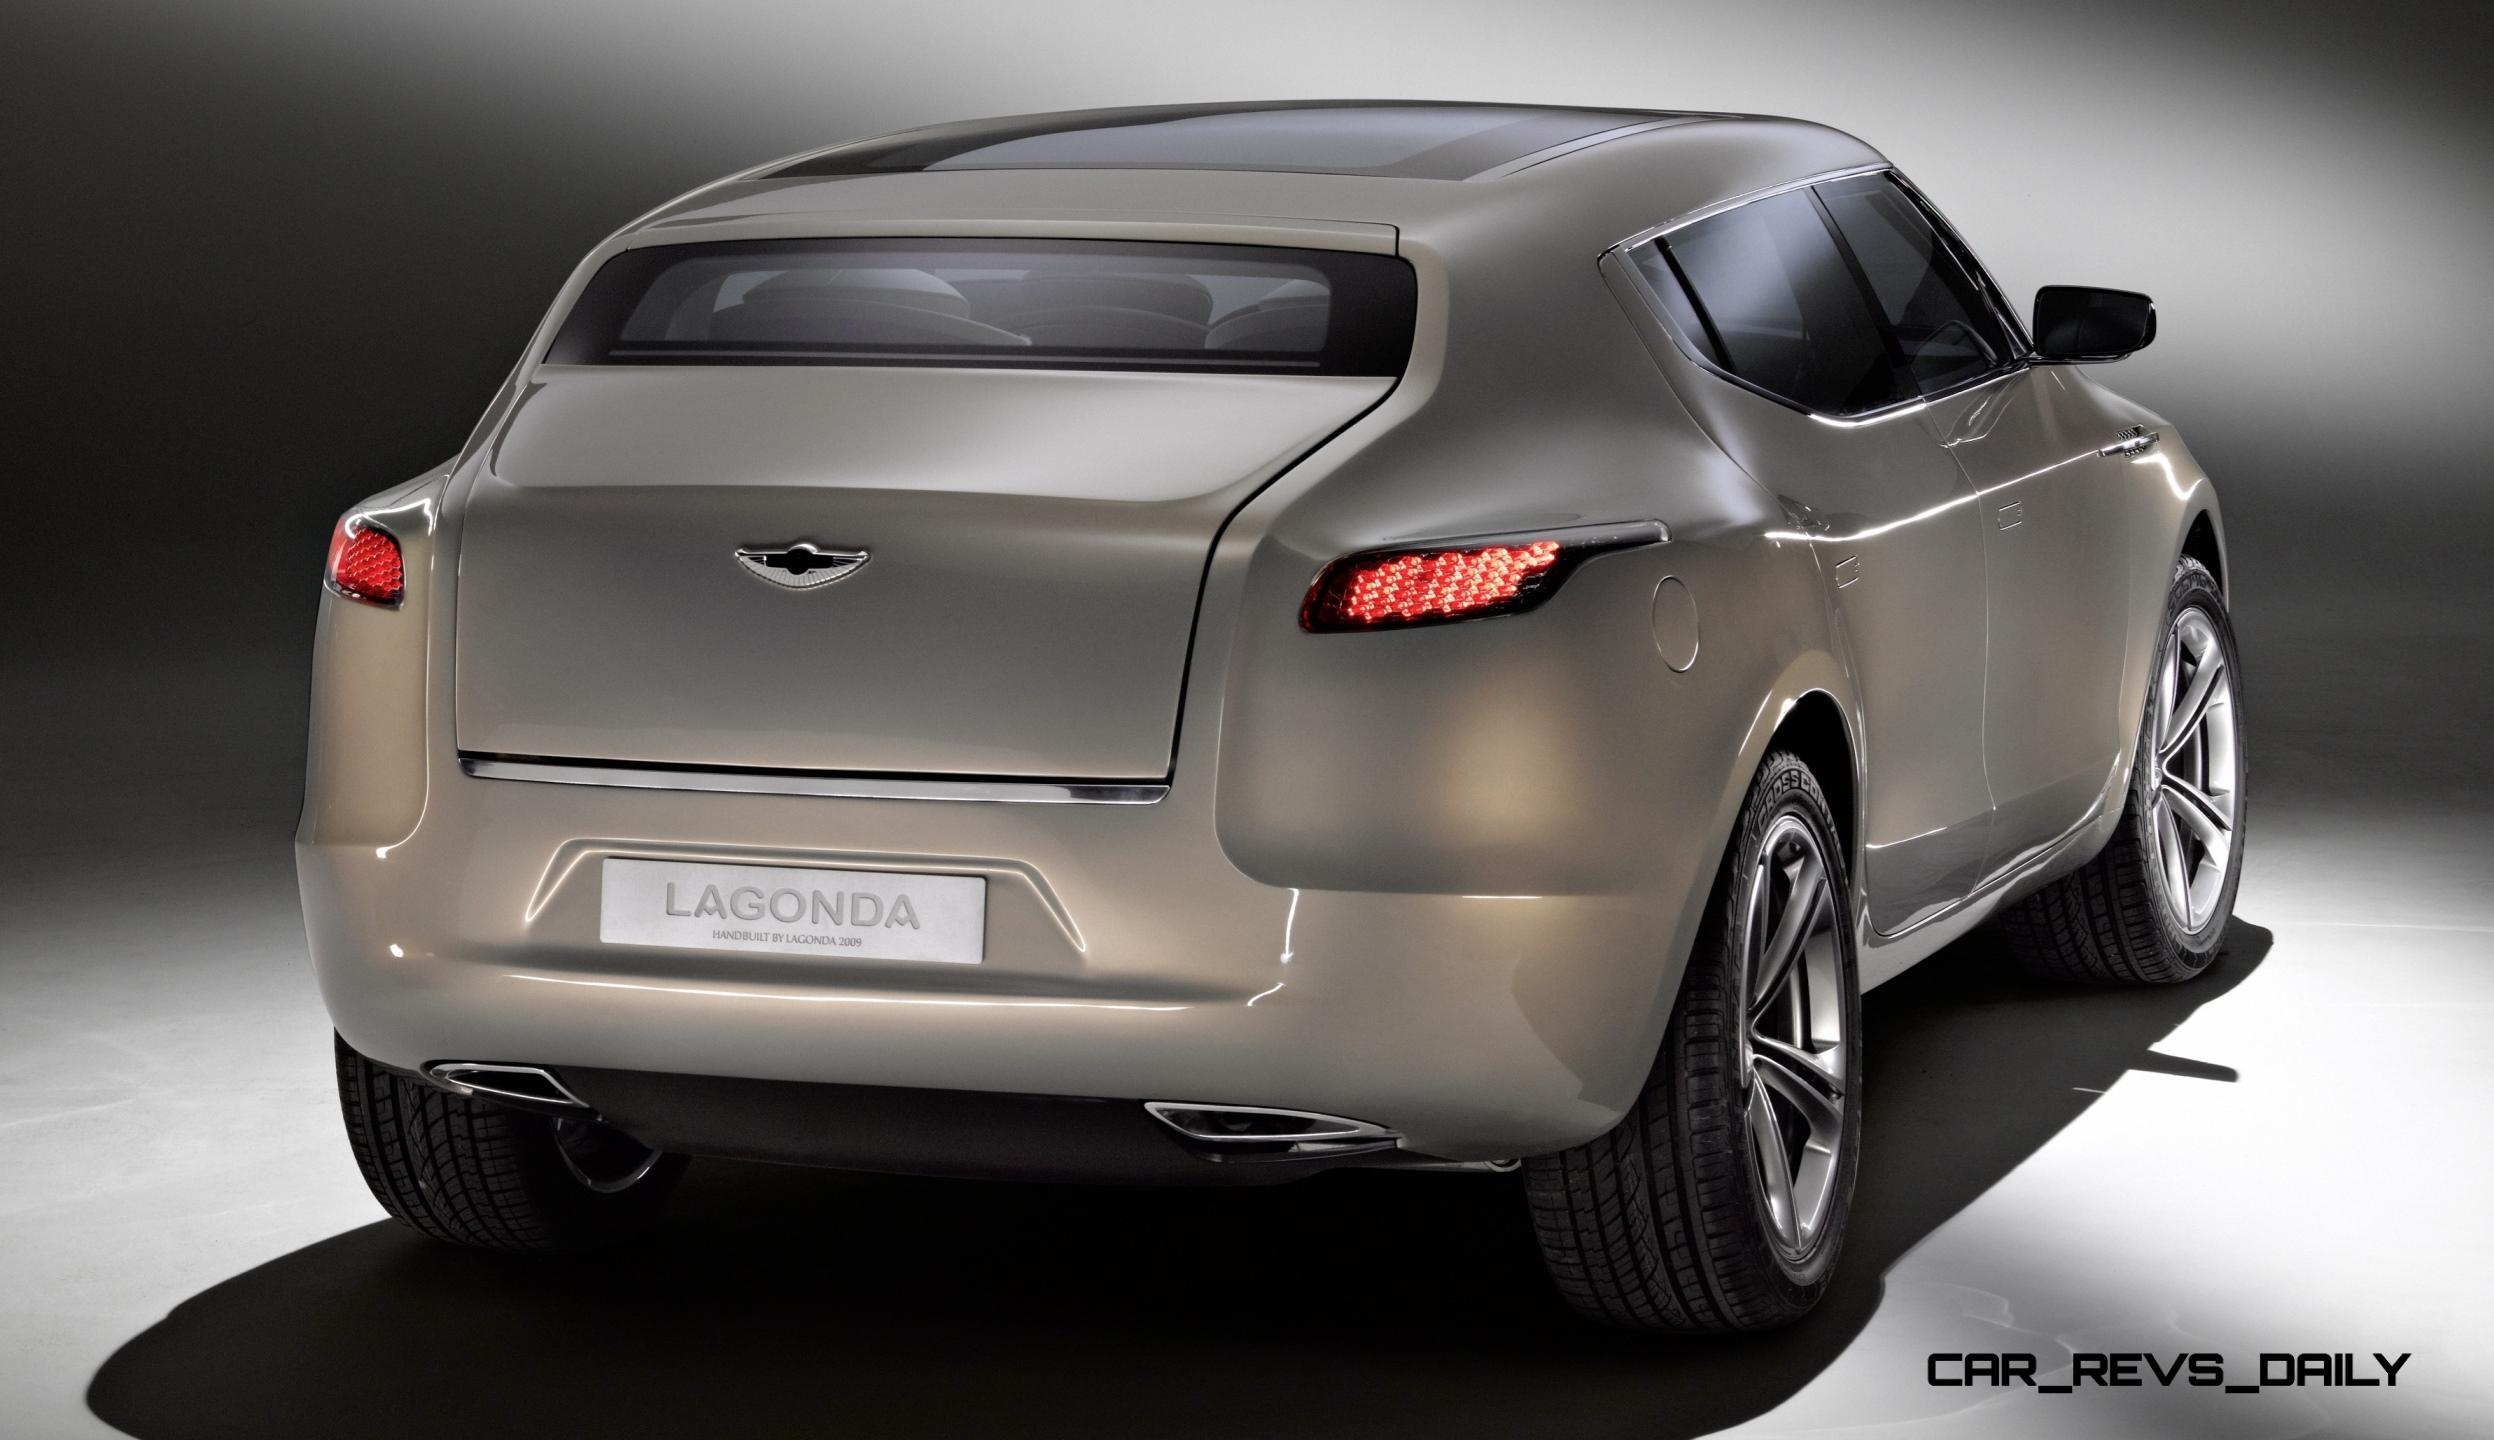 Concept Debrief 2009 Aston Martin Lagonda Suv Concept